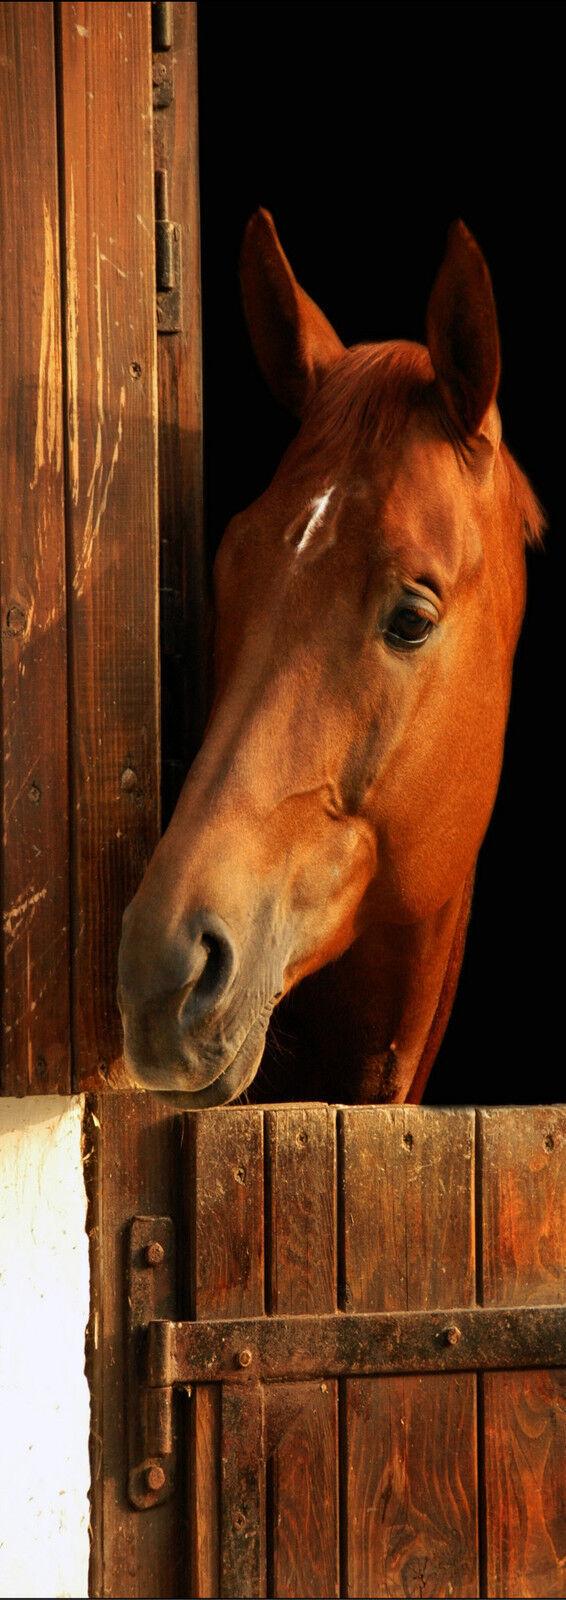 Plakat Plakat Tür Deko Schein Auge Pferd Ref 519 - 4 Größe